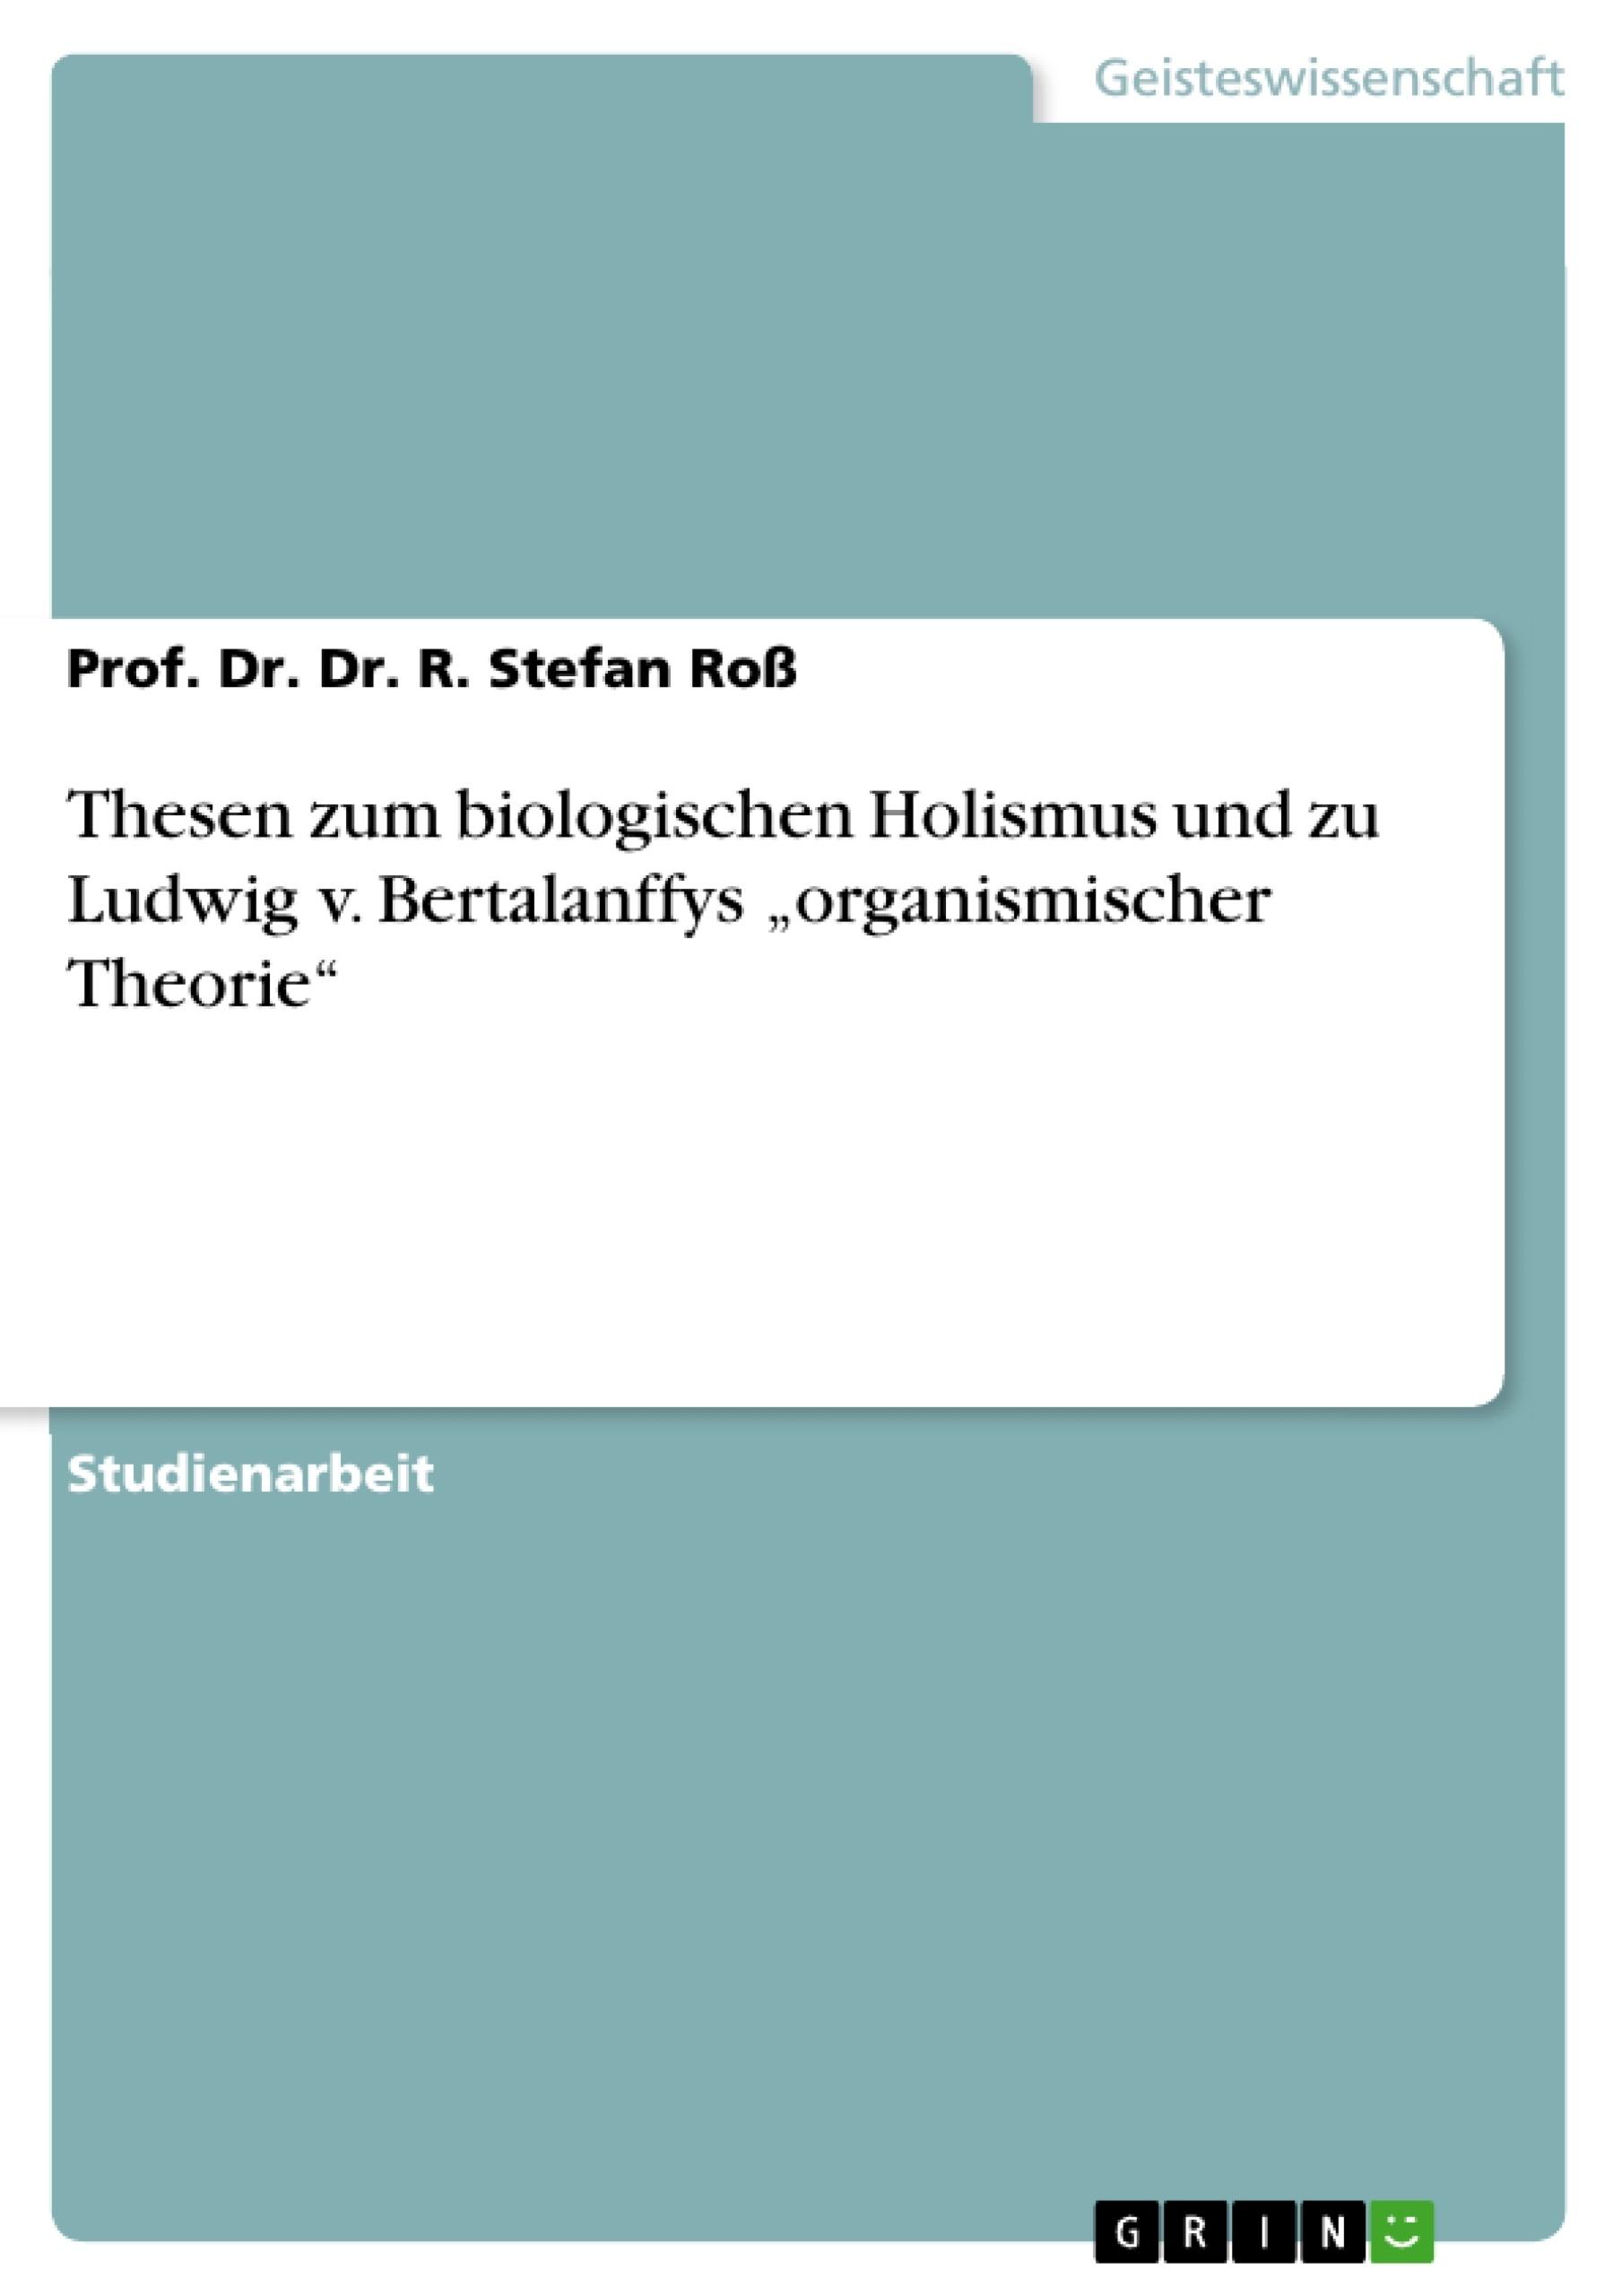 """Titel: Thesen zum biologischen Holismus und zu Ludwig v. Bertalanffys """"organismischer Theorie"""""""